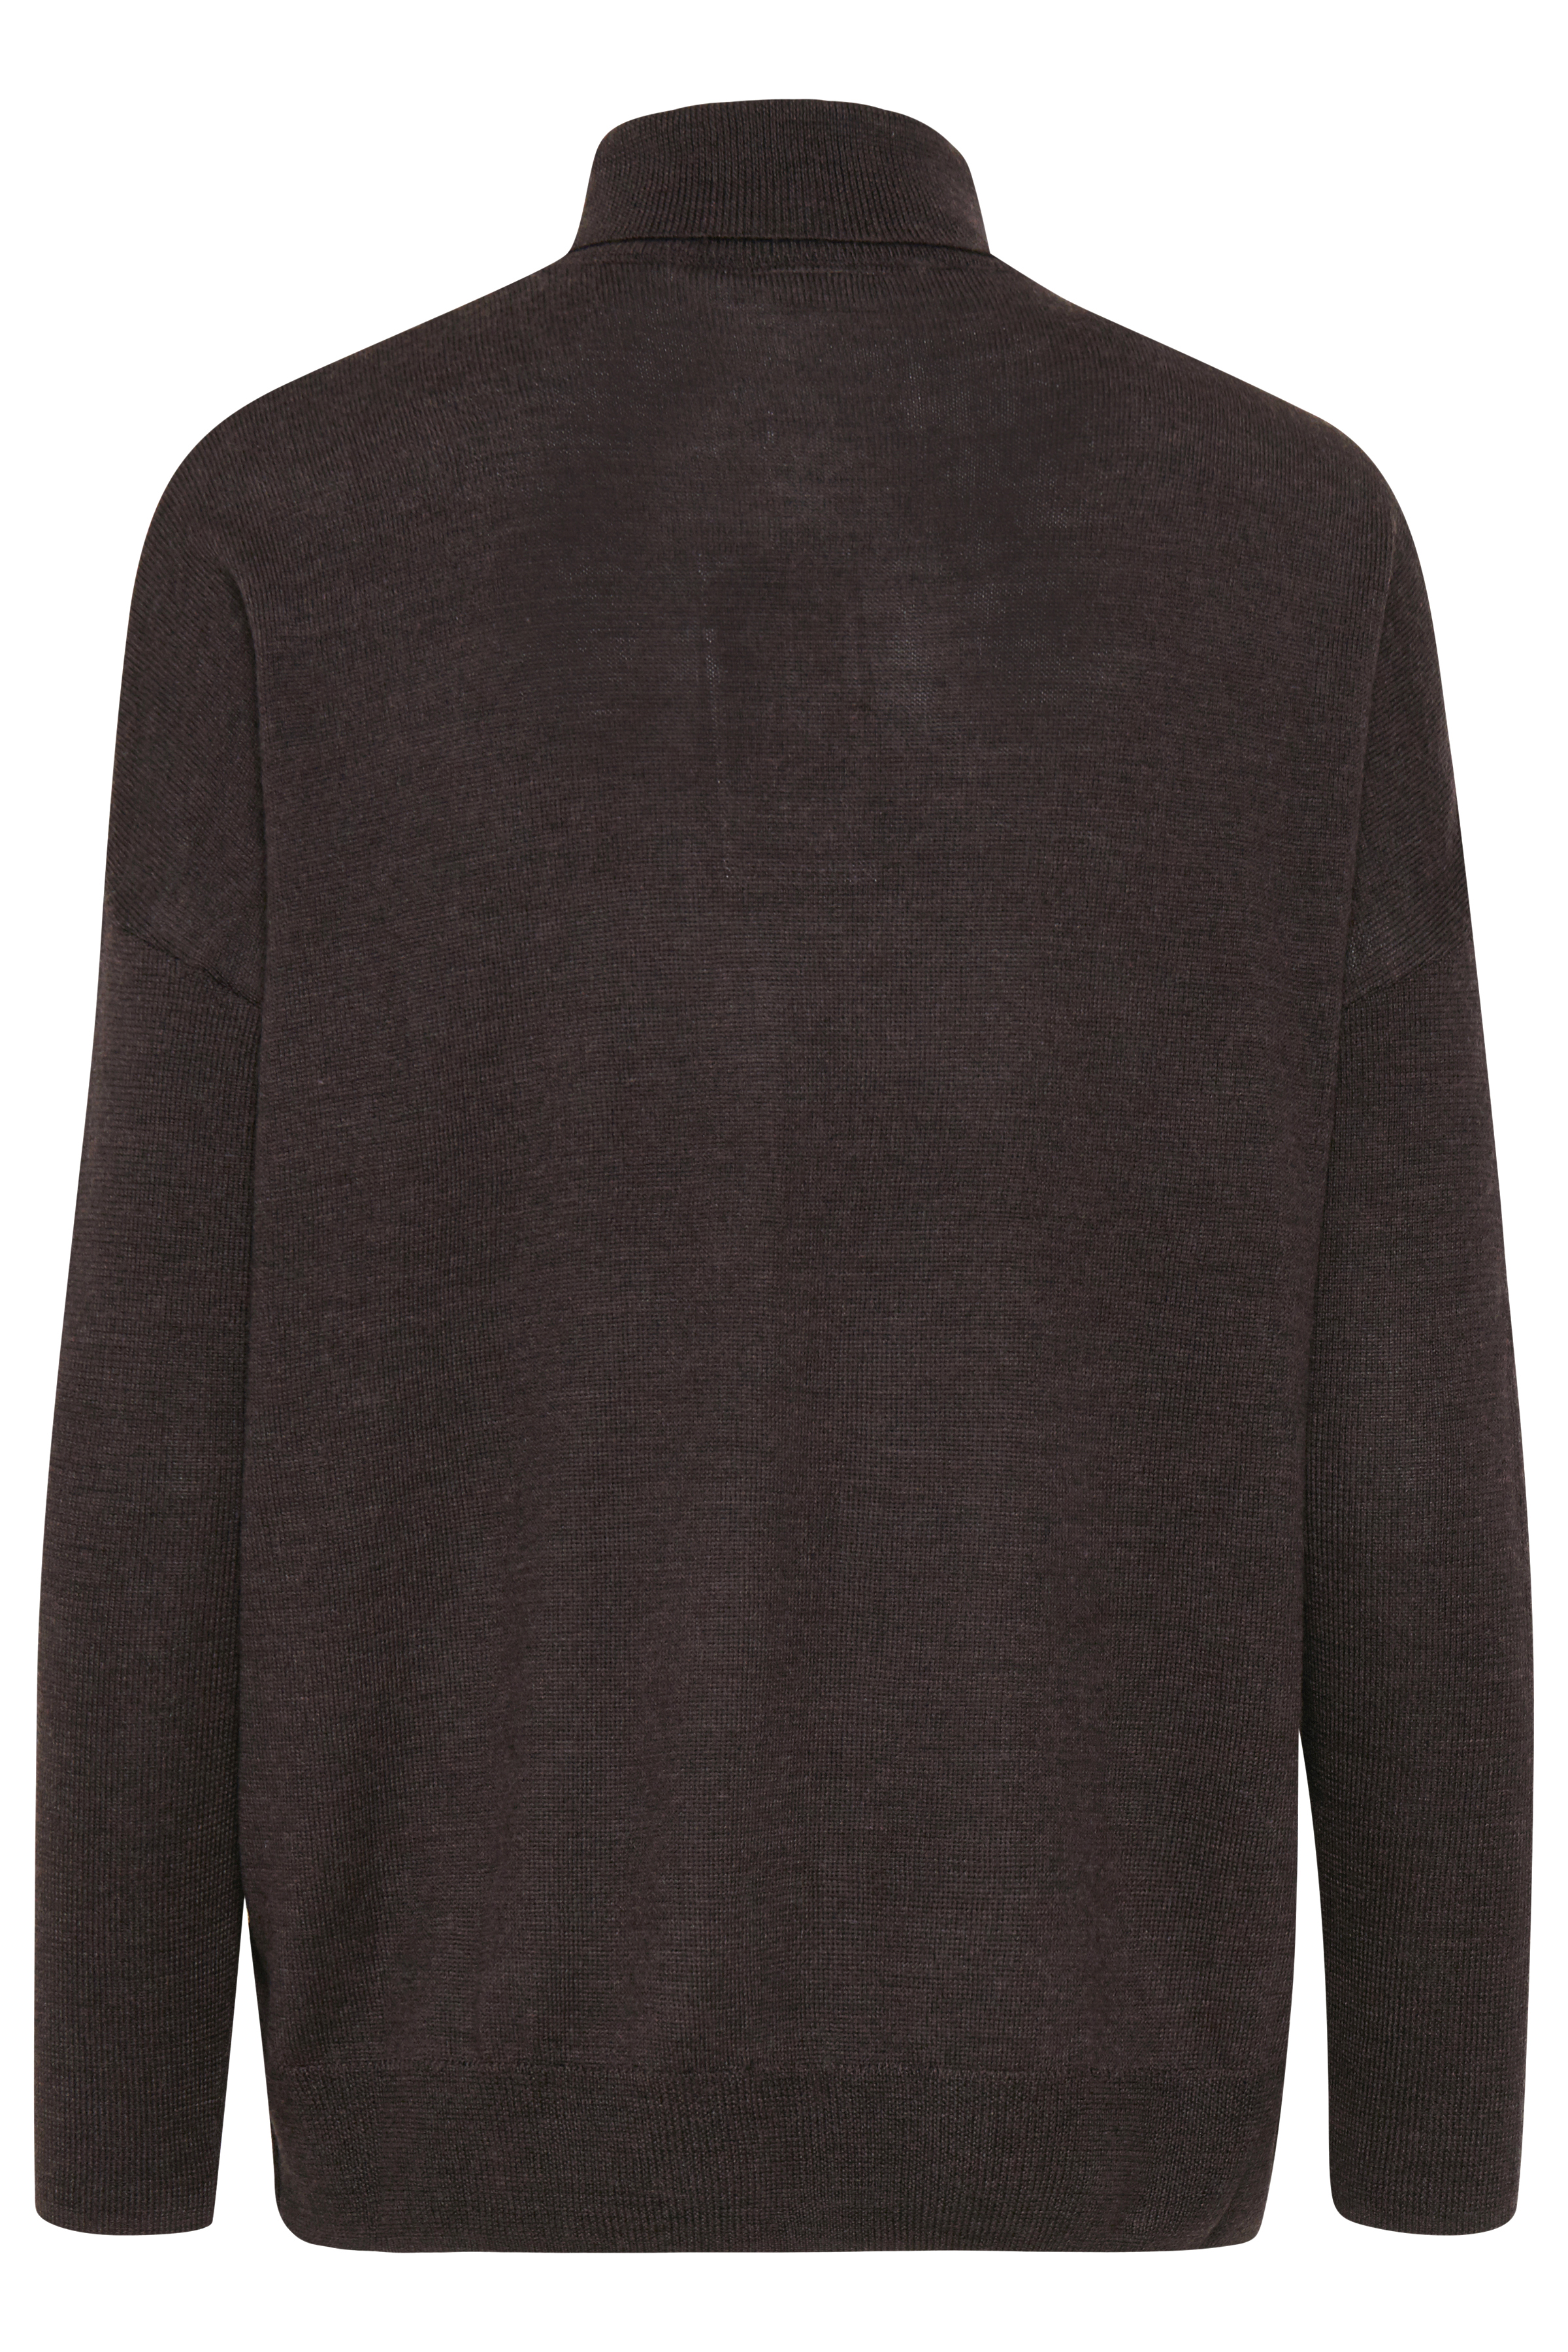 Mörk brunmelerad Stickad pullover från Fransa – Köp Mörk brunmelerad Stickad pullover från stl. S/M-L/XL här